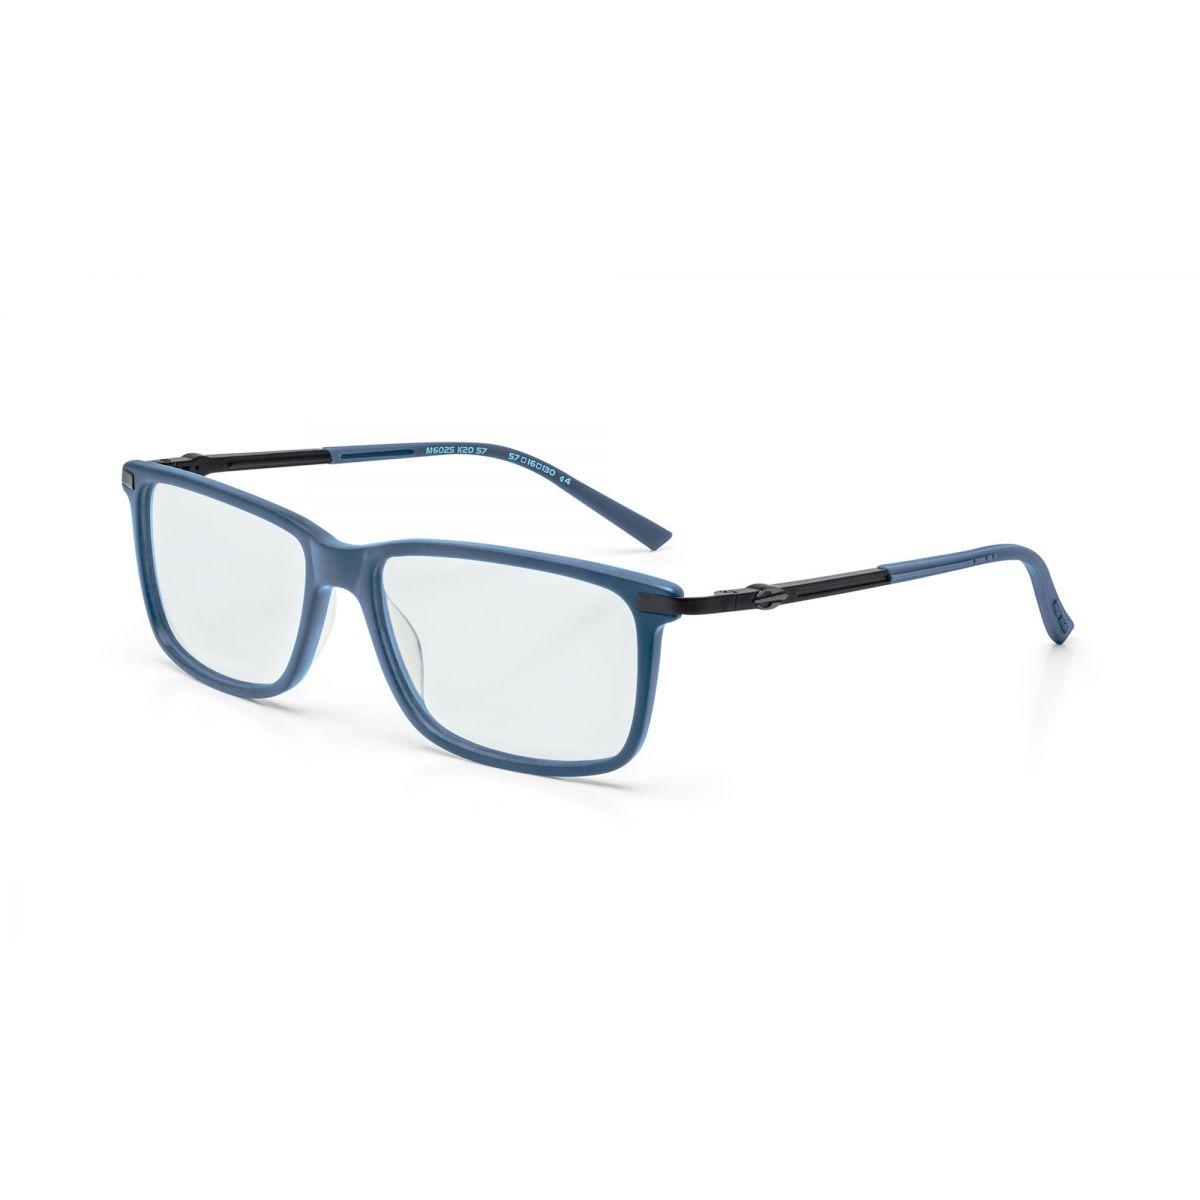 6a4a13ded8f27 Óculos de Grau Mormaii Titanium M6025K2057 Tam. 57MormaiiMormaii de ...